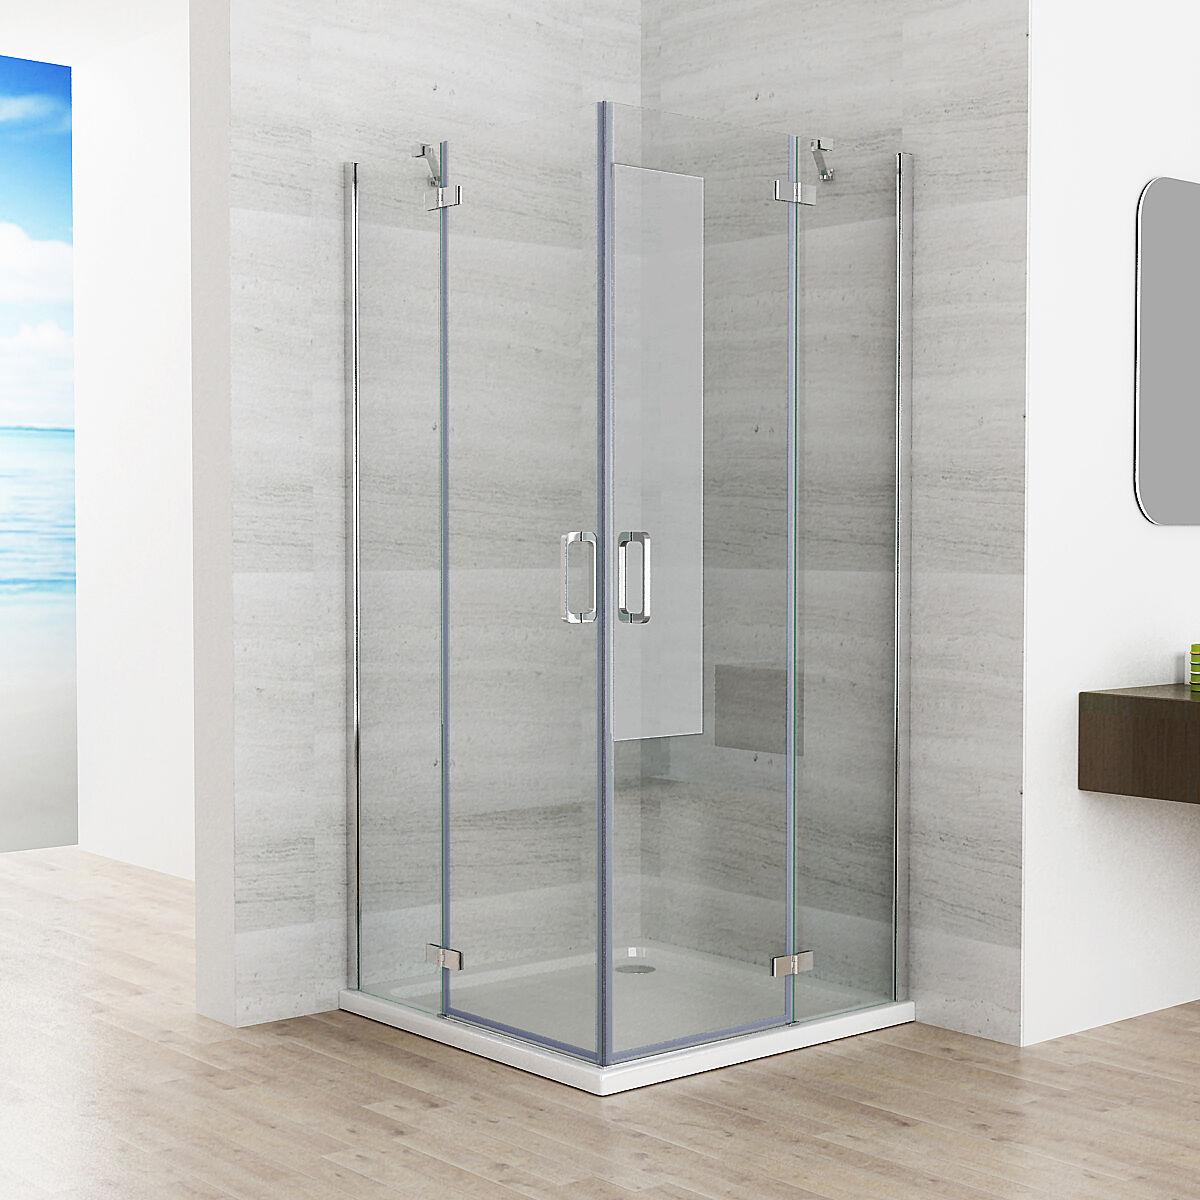 Full Size of Begehbare Duschen Dusche 80x80 Haltegriff Unterputz Armatur Glaswand Mischbatterie Bodengleiche Fliesen Badewanne Für Glastrennwand Moderne Ohne Tür Dusche Glaswand Dusche